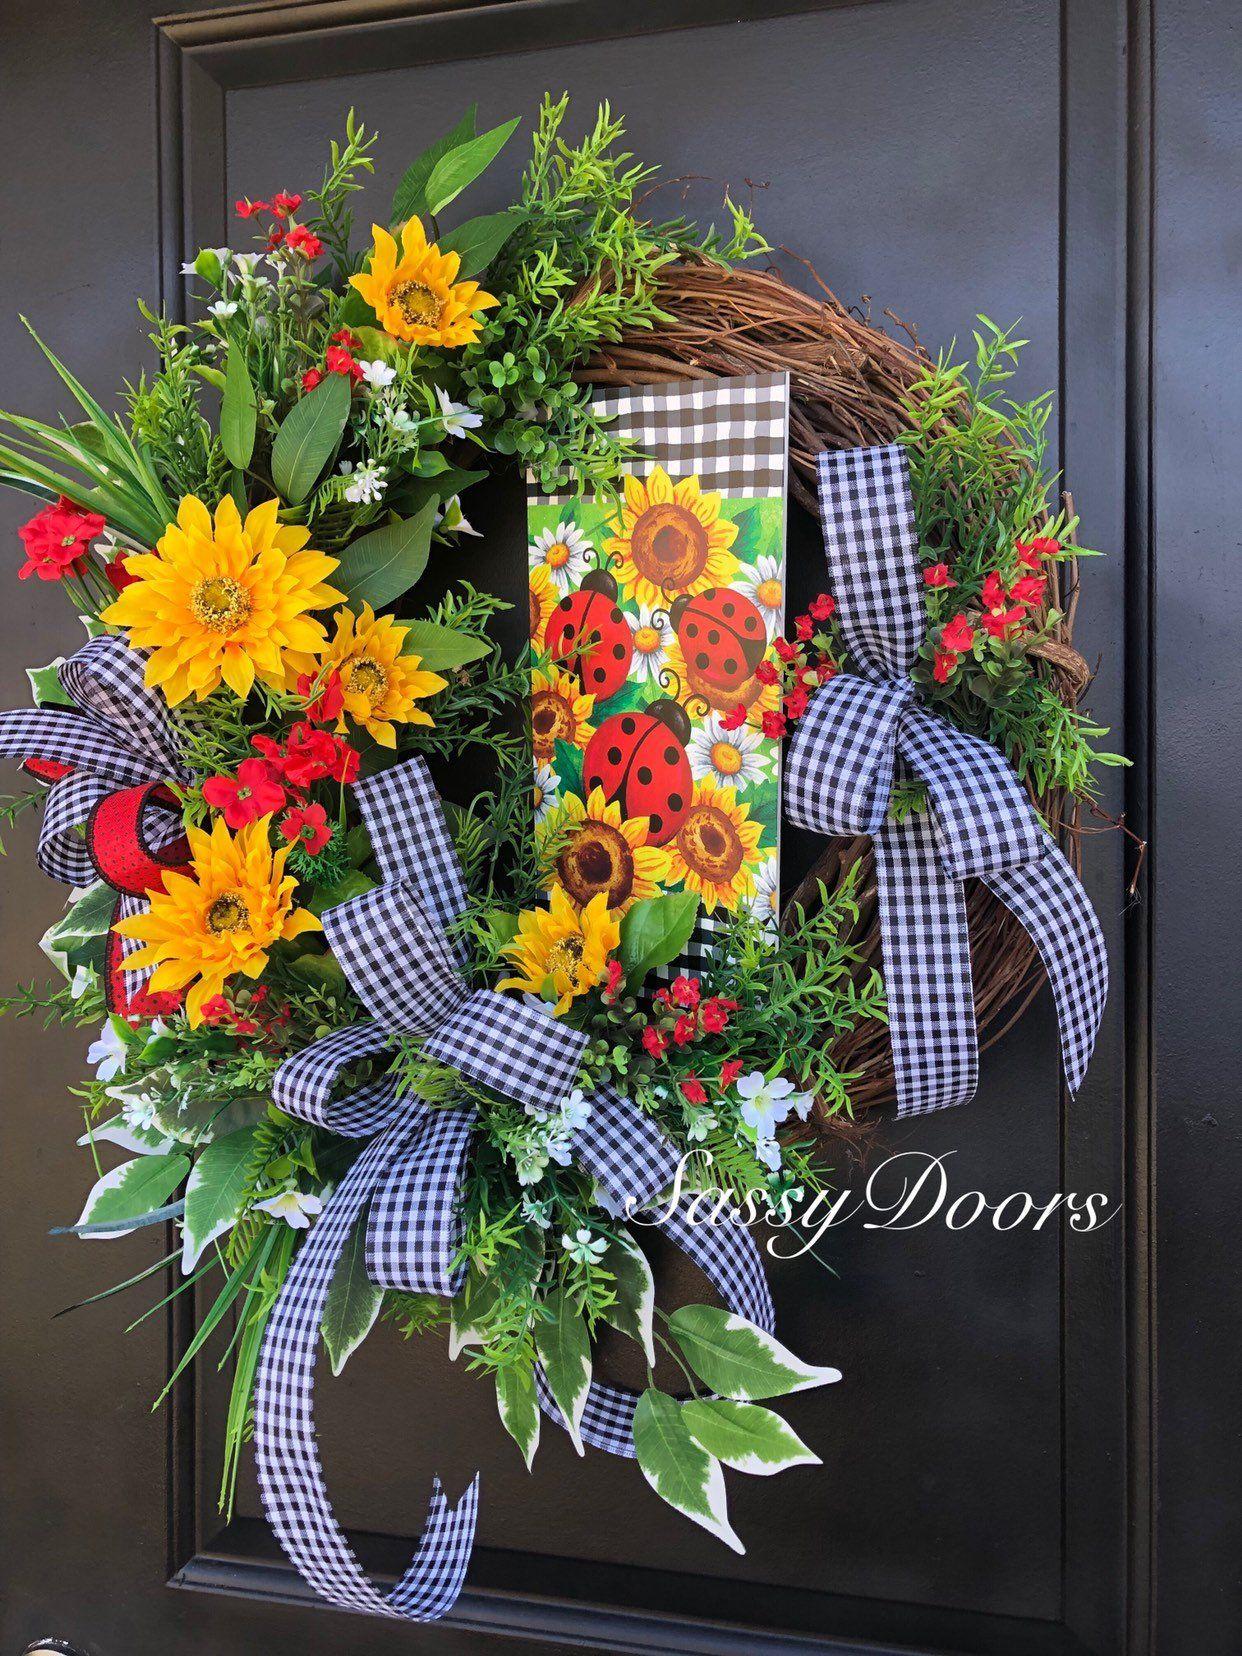 Photo of Ladybug wreath, farmhouse decor, summer wreath, sunflower wreath, cheeky door wreath, grapevine wreath, front door wreath, welcome wreath